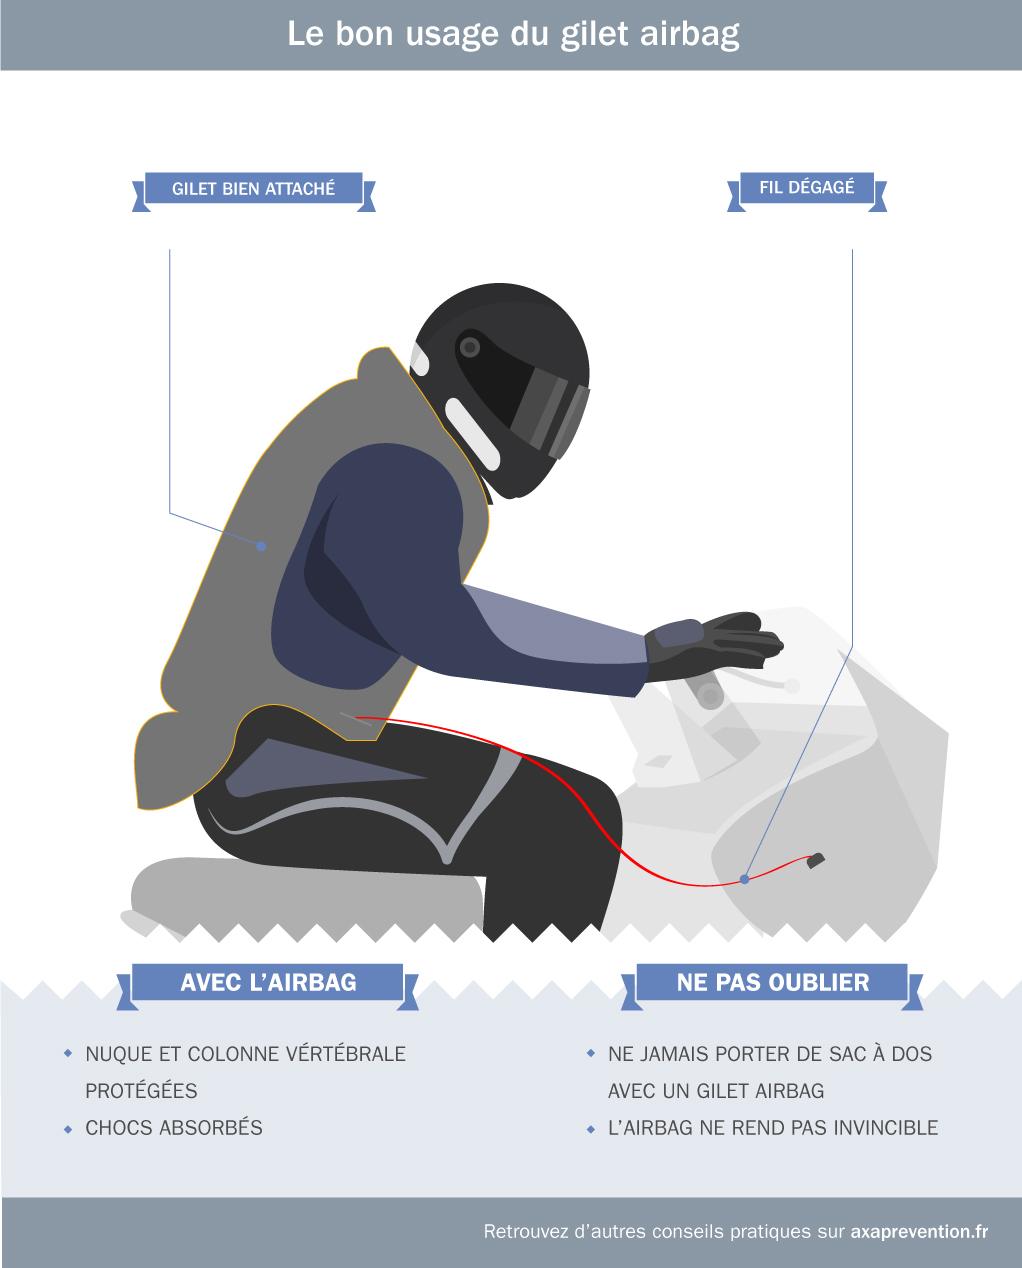 Le bon usage du gilet airbag